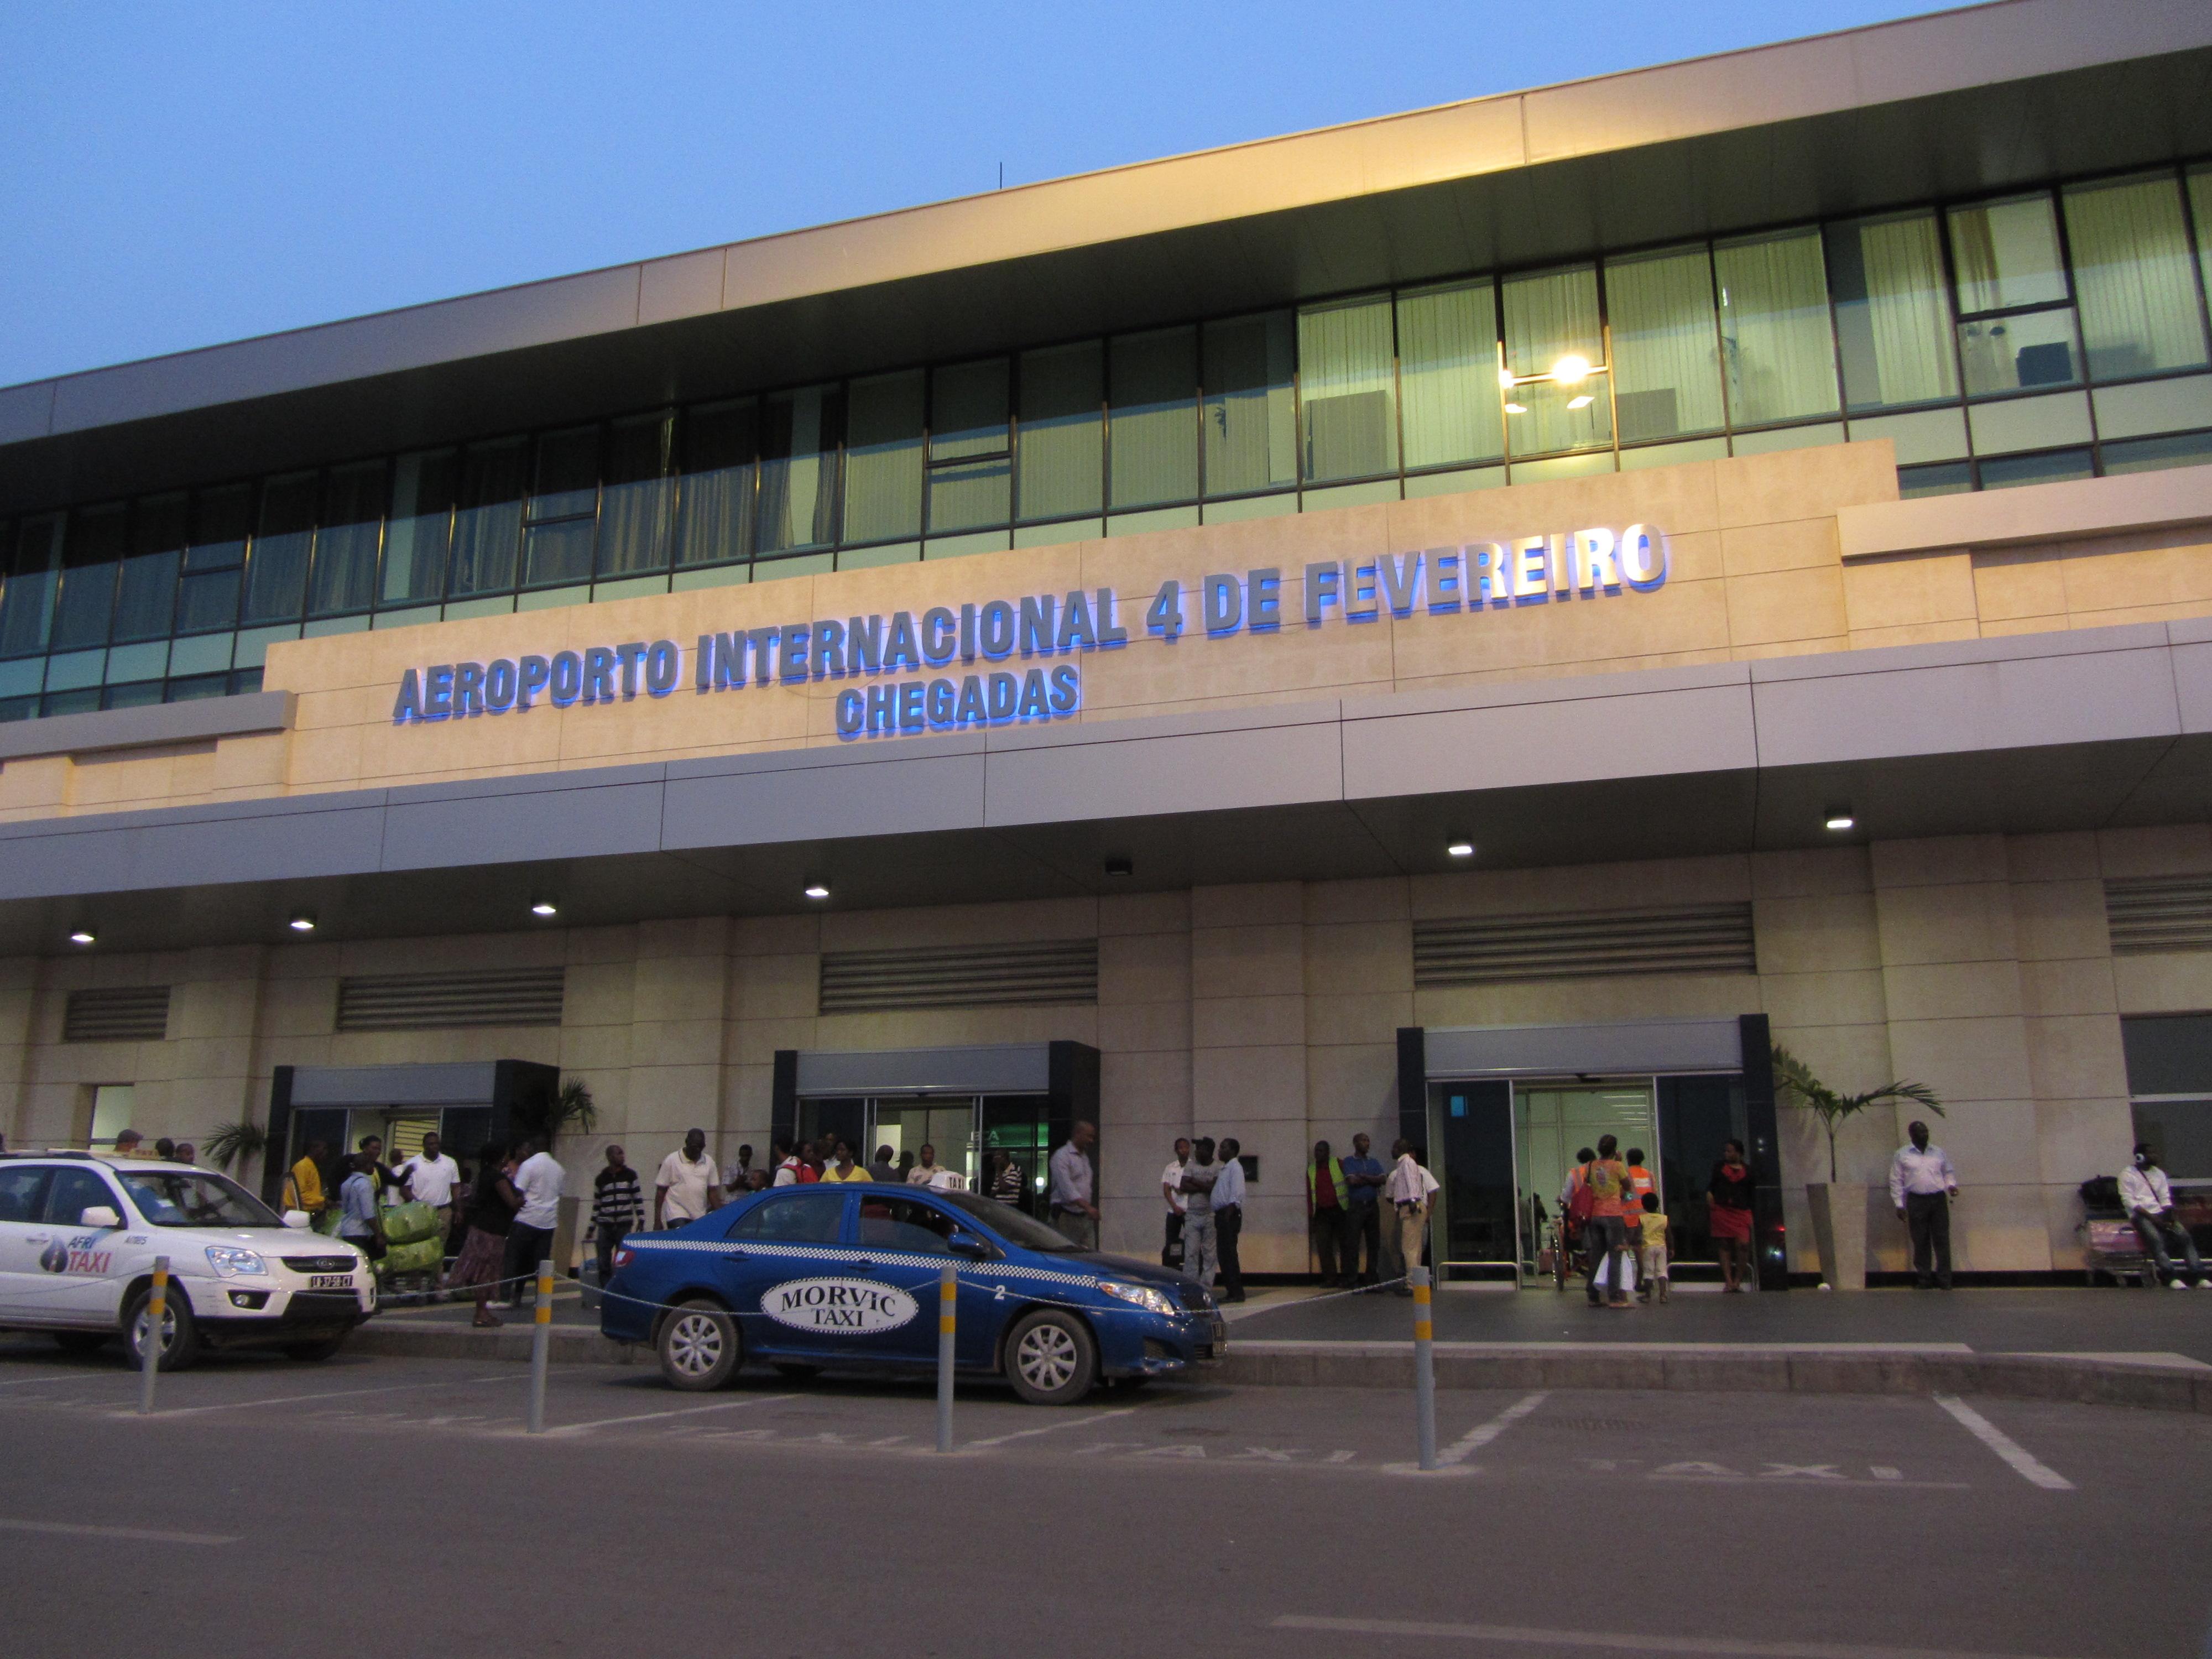 Aeroporto Luanda Chegadas : Angola wiki everipedia